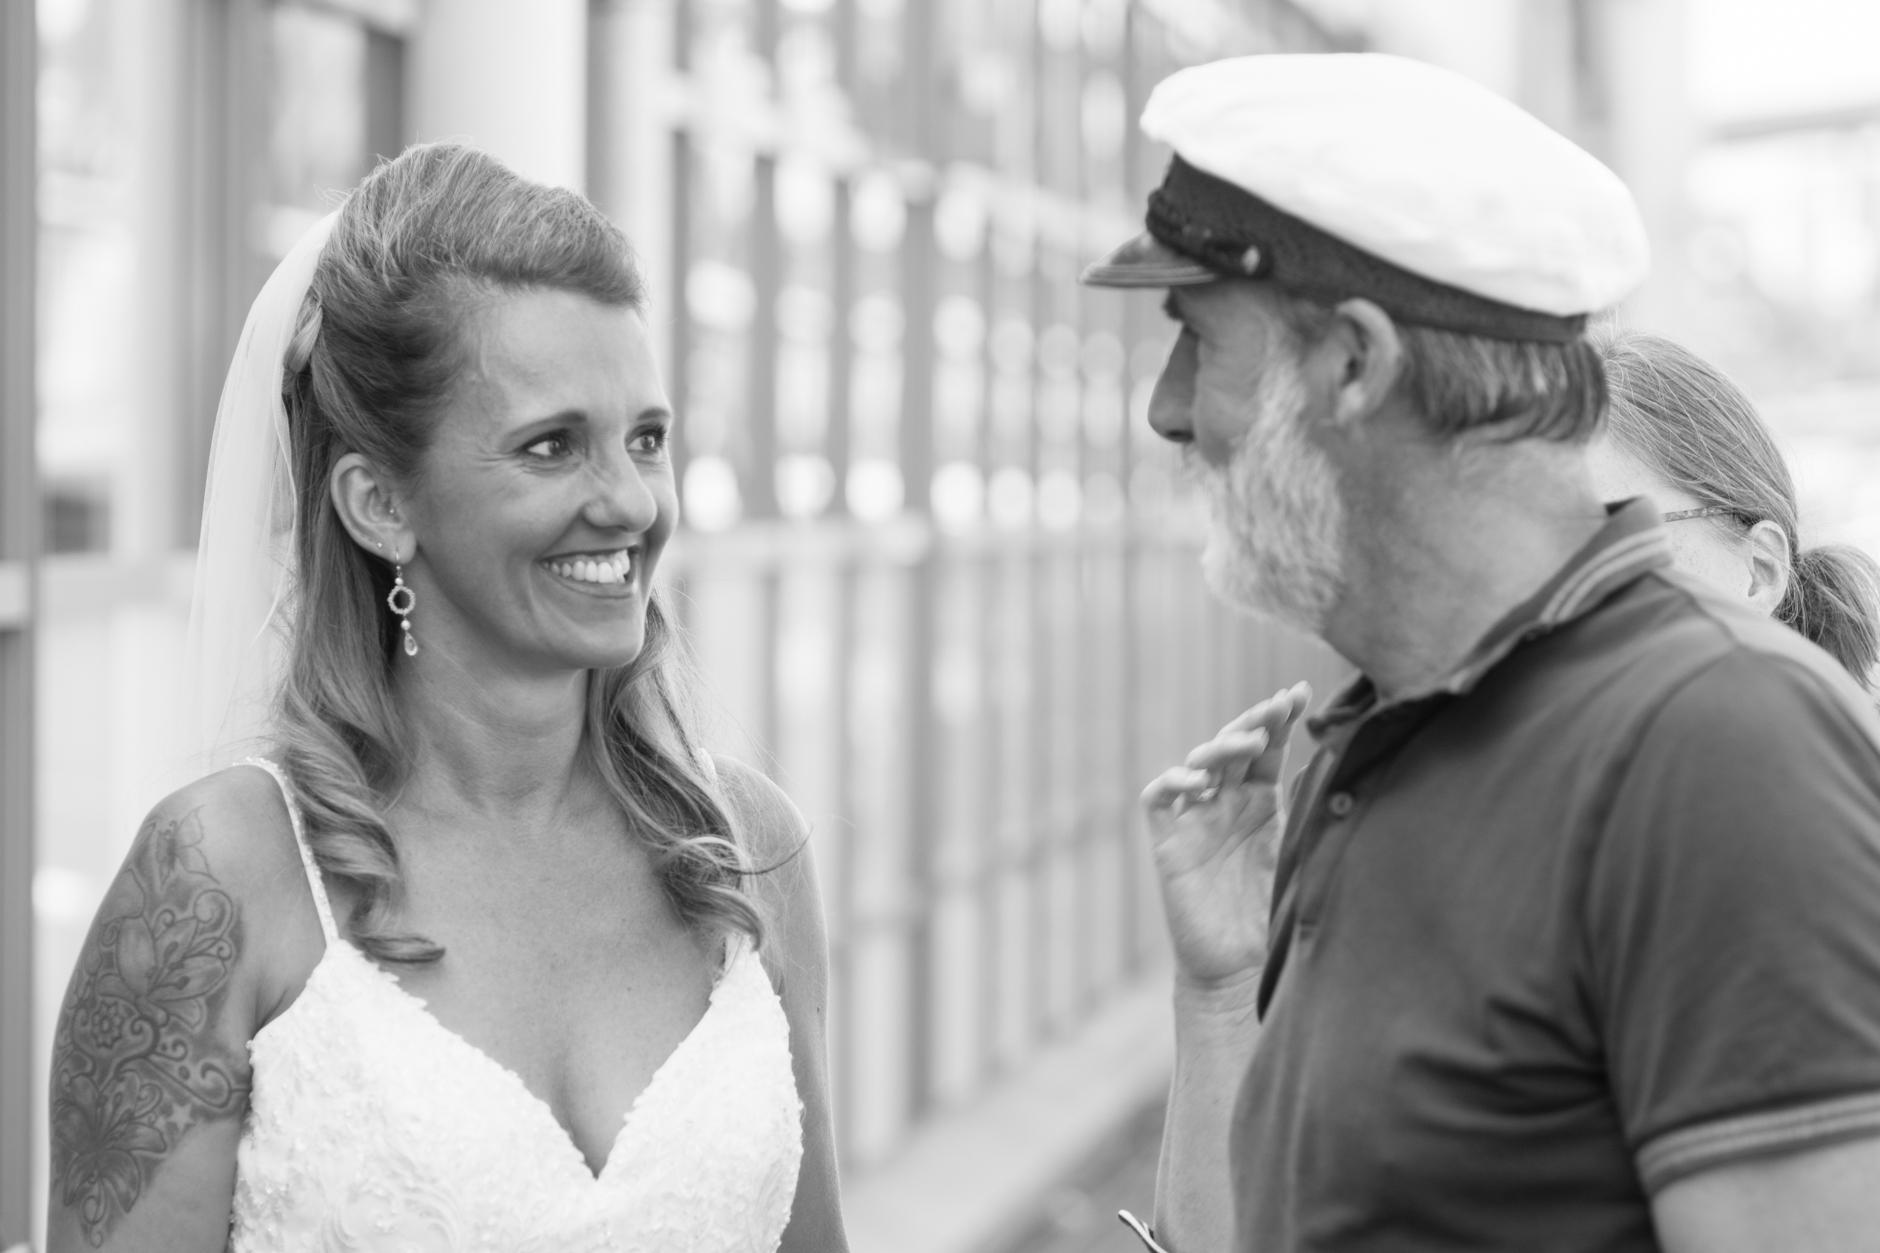 ... Kapt'n und Braut an den Hamburger Landungsbrücken